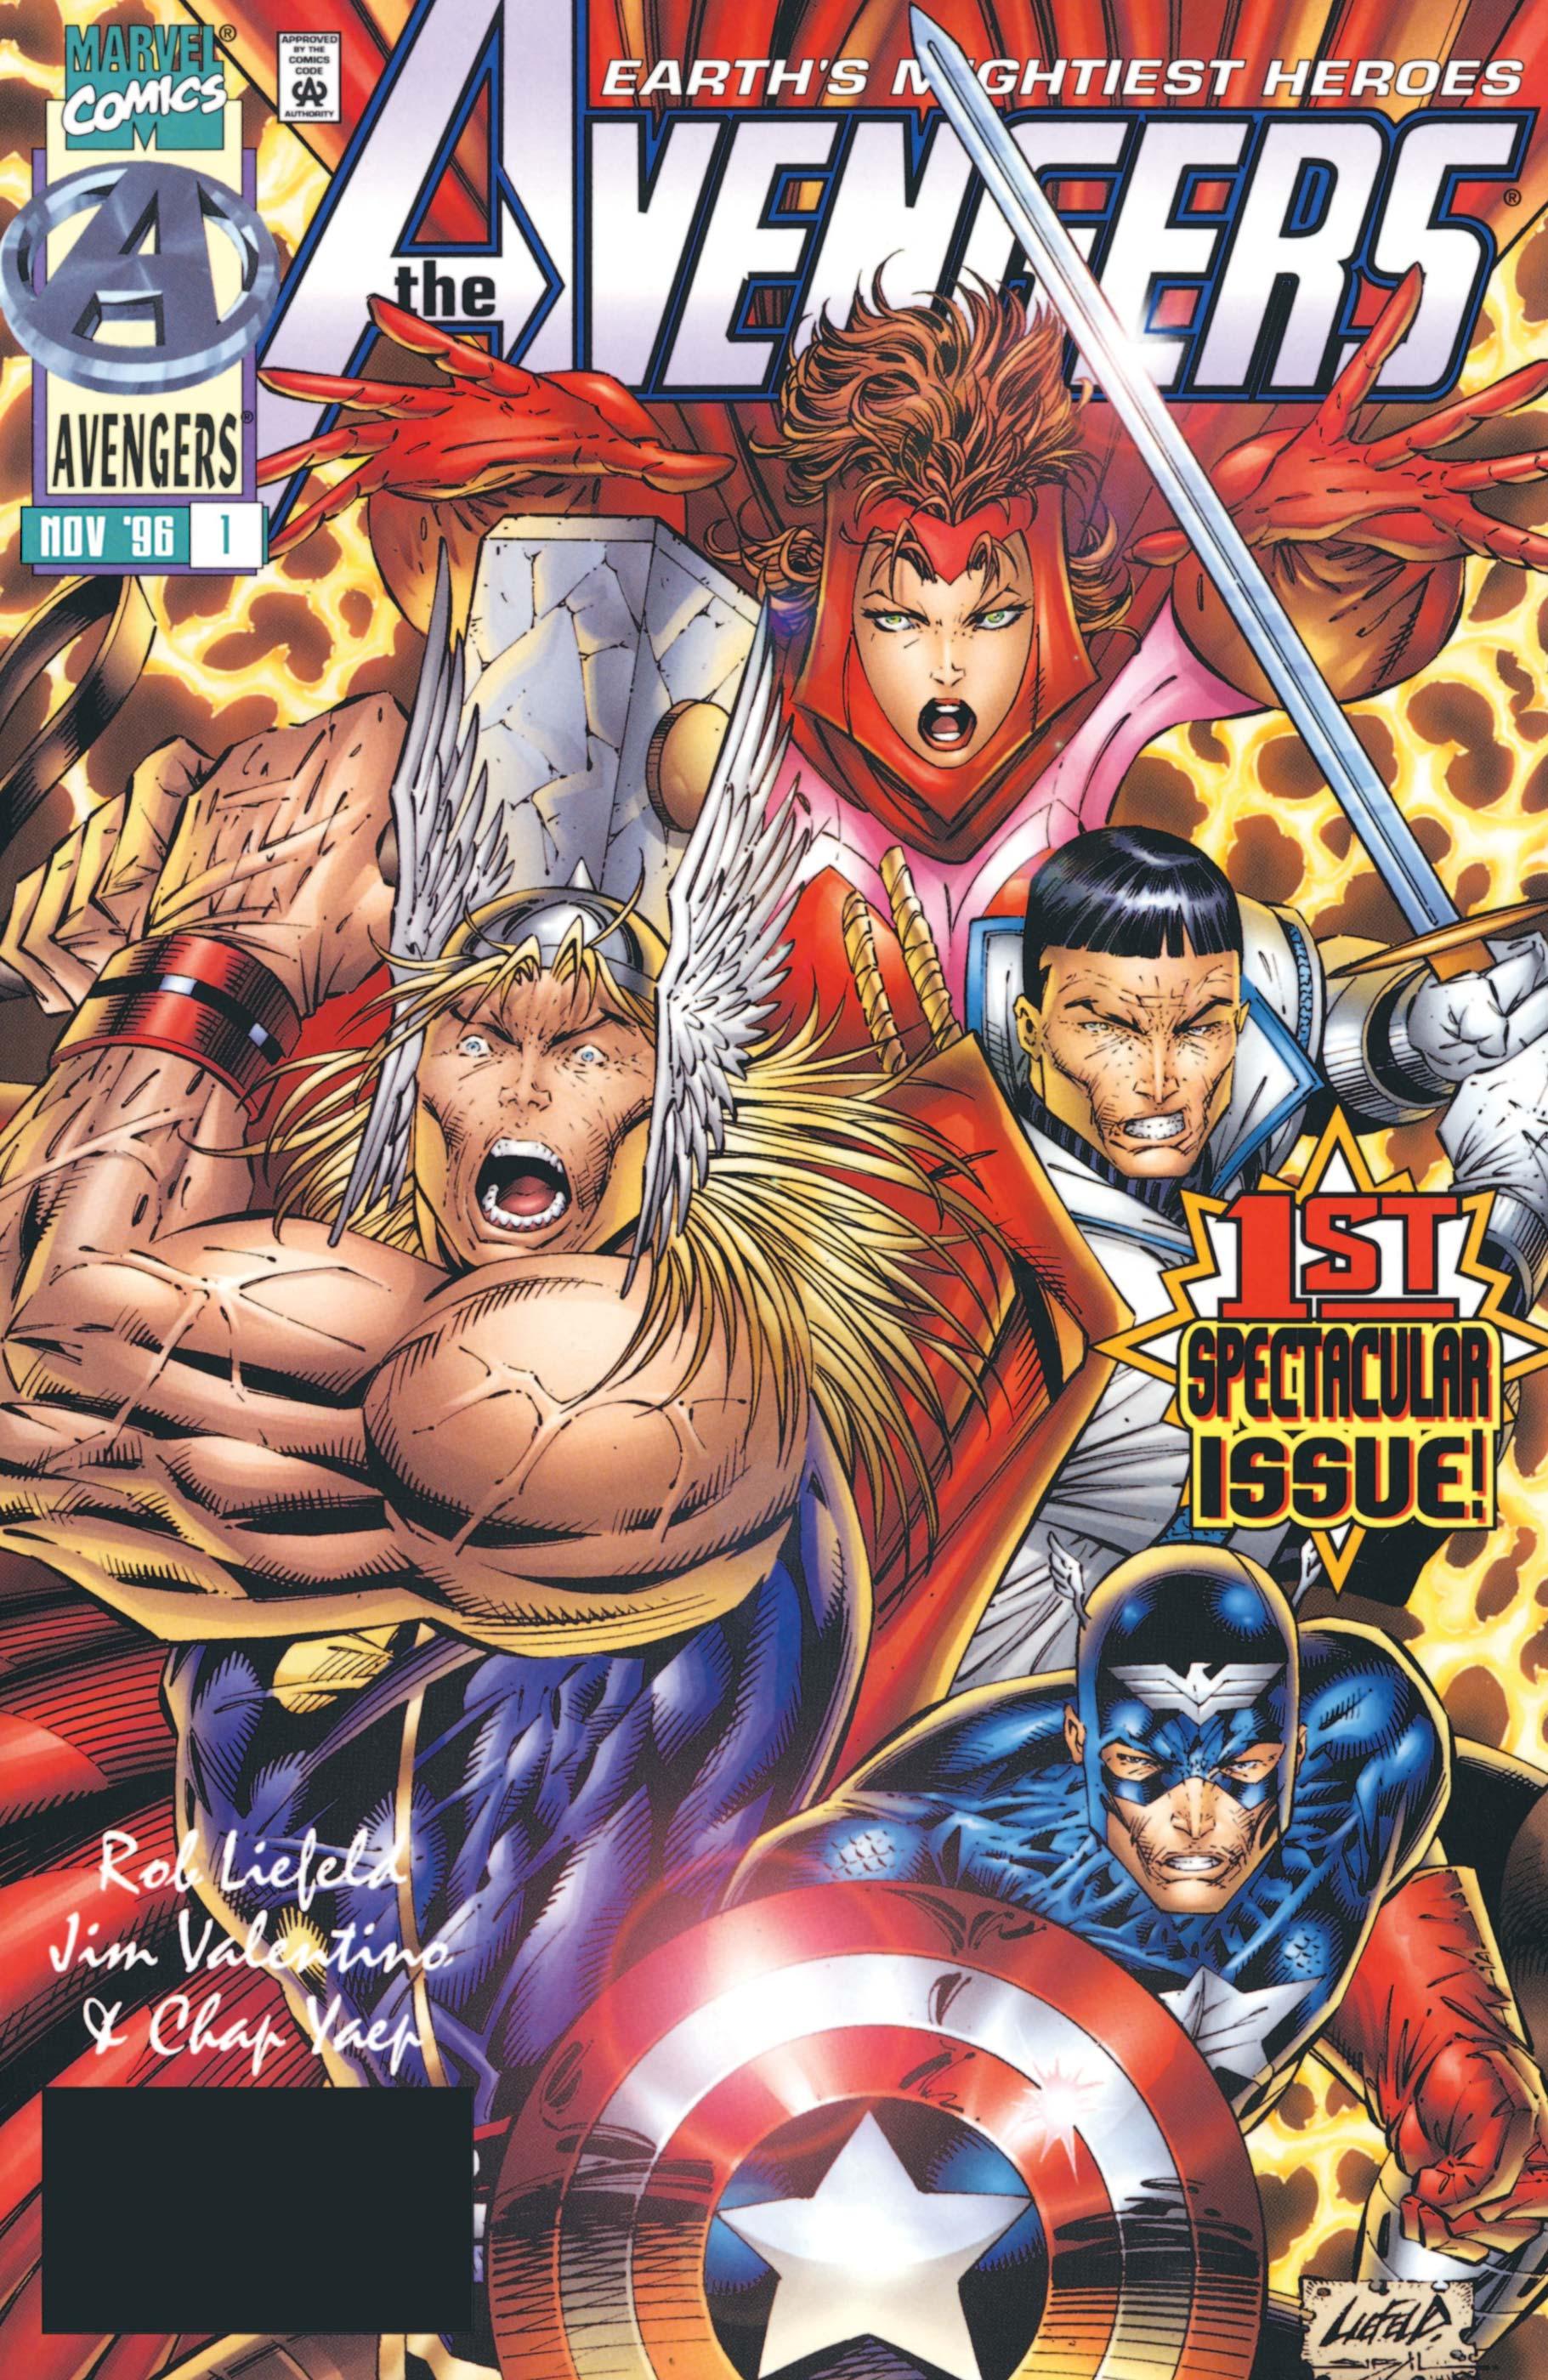 Avengers (1996) #1